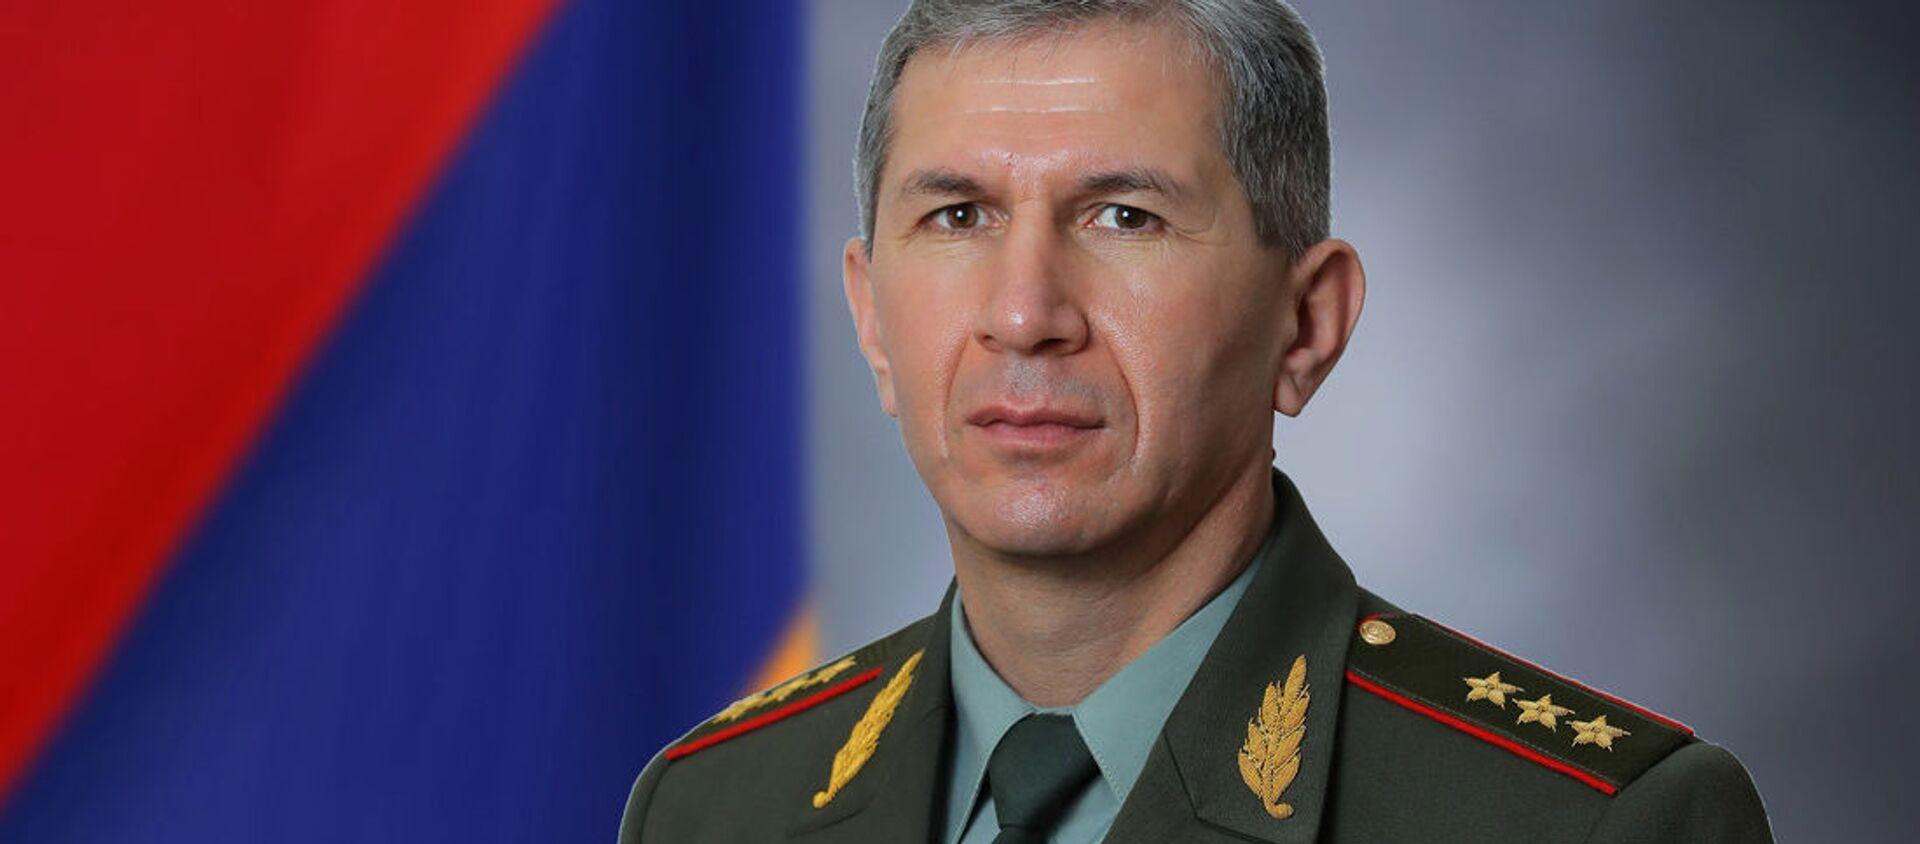 Начальник Генерального штаба ВС РА генерал-полковник Оник Гаспарян - Sputnik Արմենիա, 1920, 10.03.2021